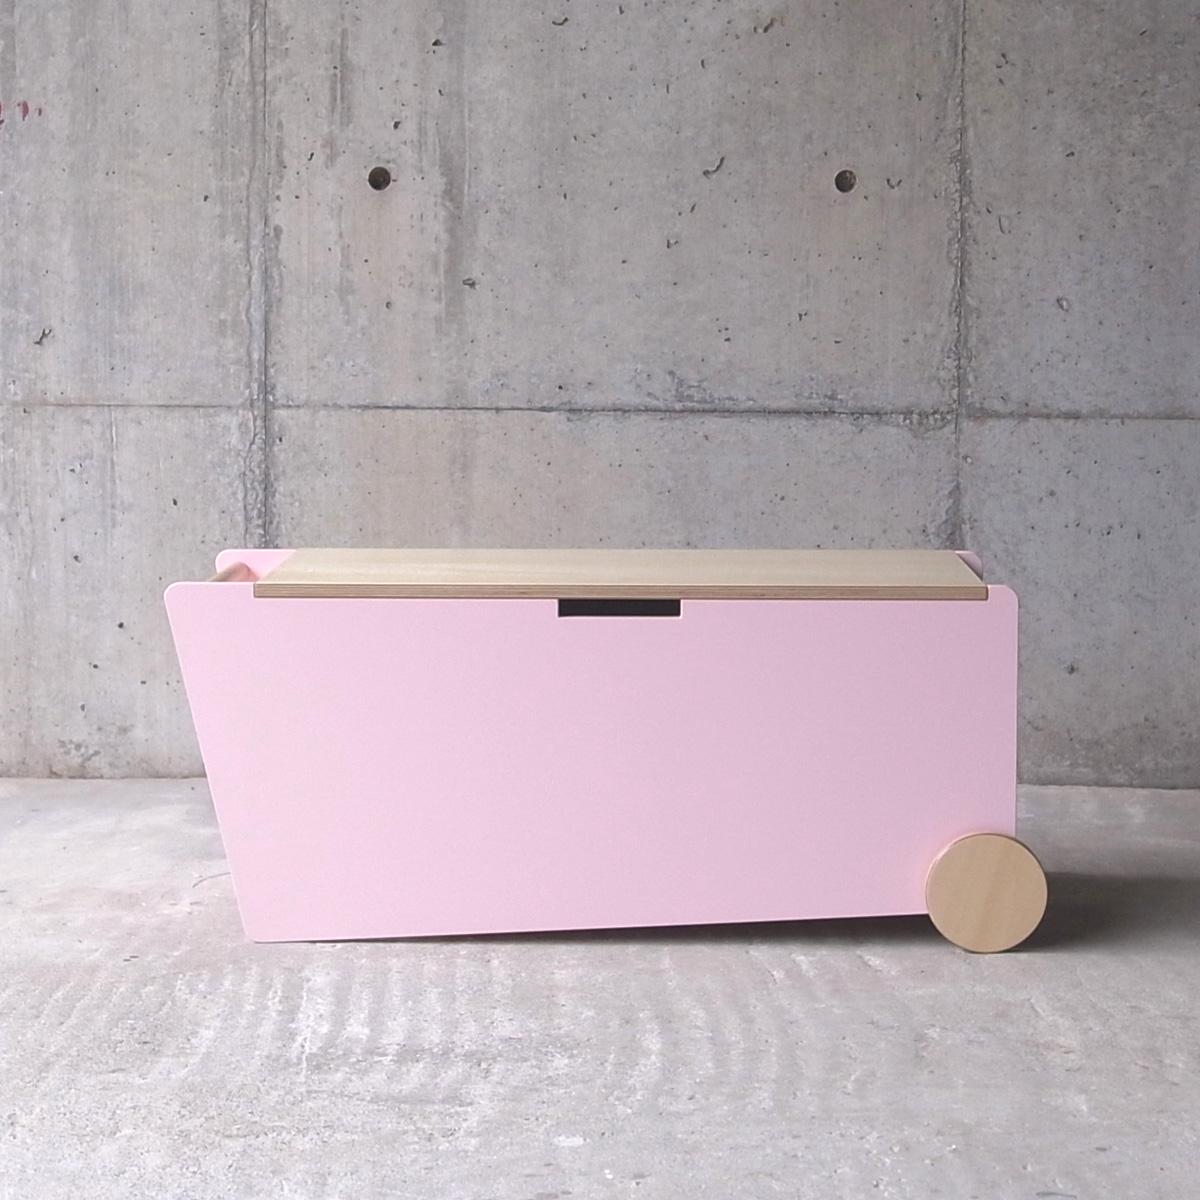 abode アボード 家具 ベンチボックス ピンク BENCH BOX/津留 敬文 収納・ボックス・キャスターボックス・サイドテーブルデザイナーズ家具